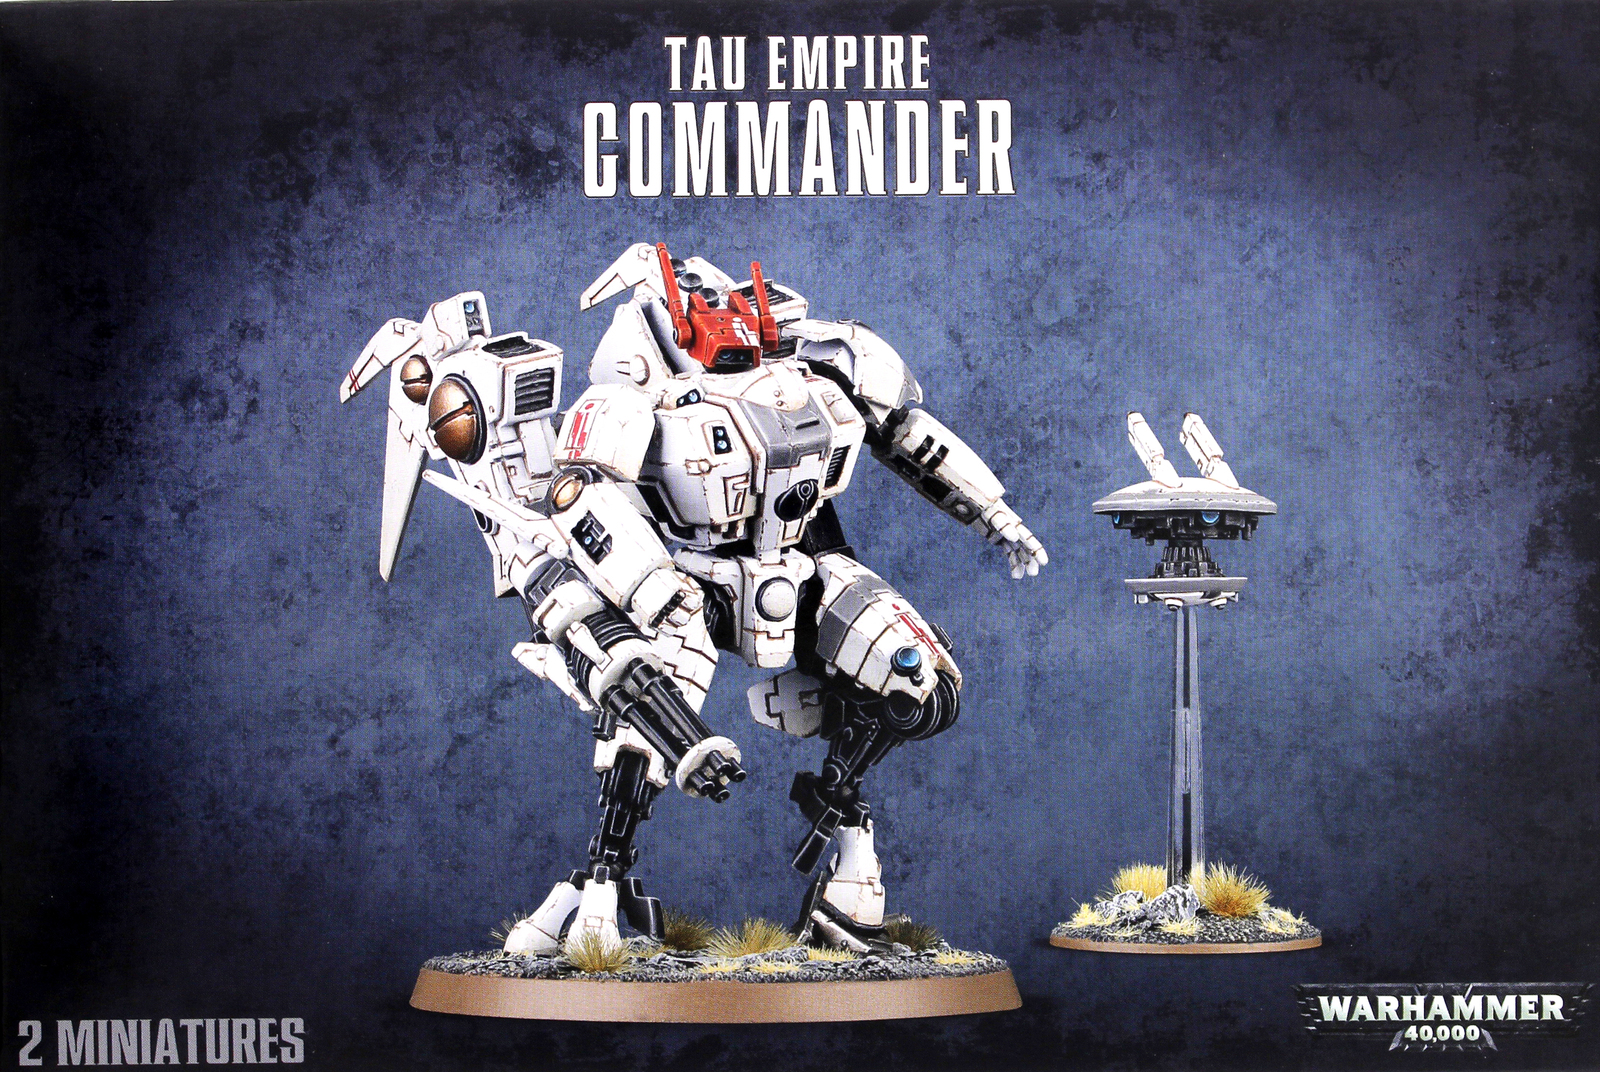 Warhammer 40,000 Tau Commander / XV86 Coldstar Battlesuit image